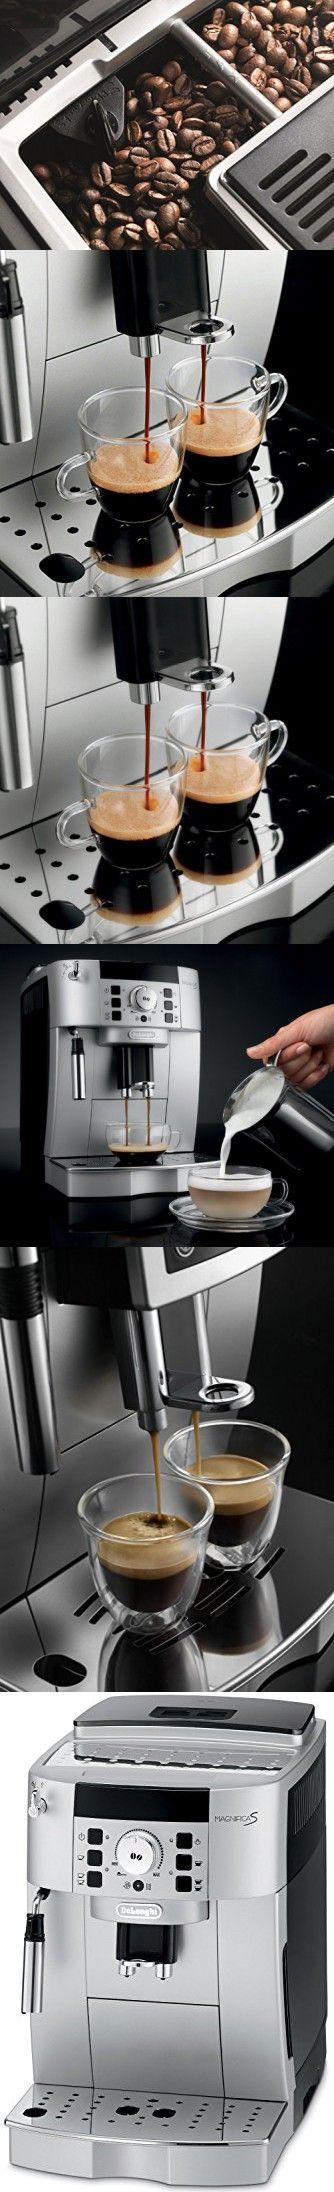 Nespresso gran maestria espresso machine and aeroccino milk frother